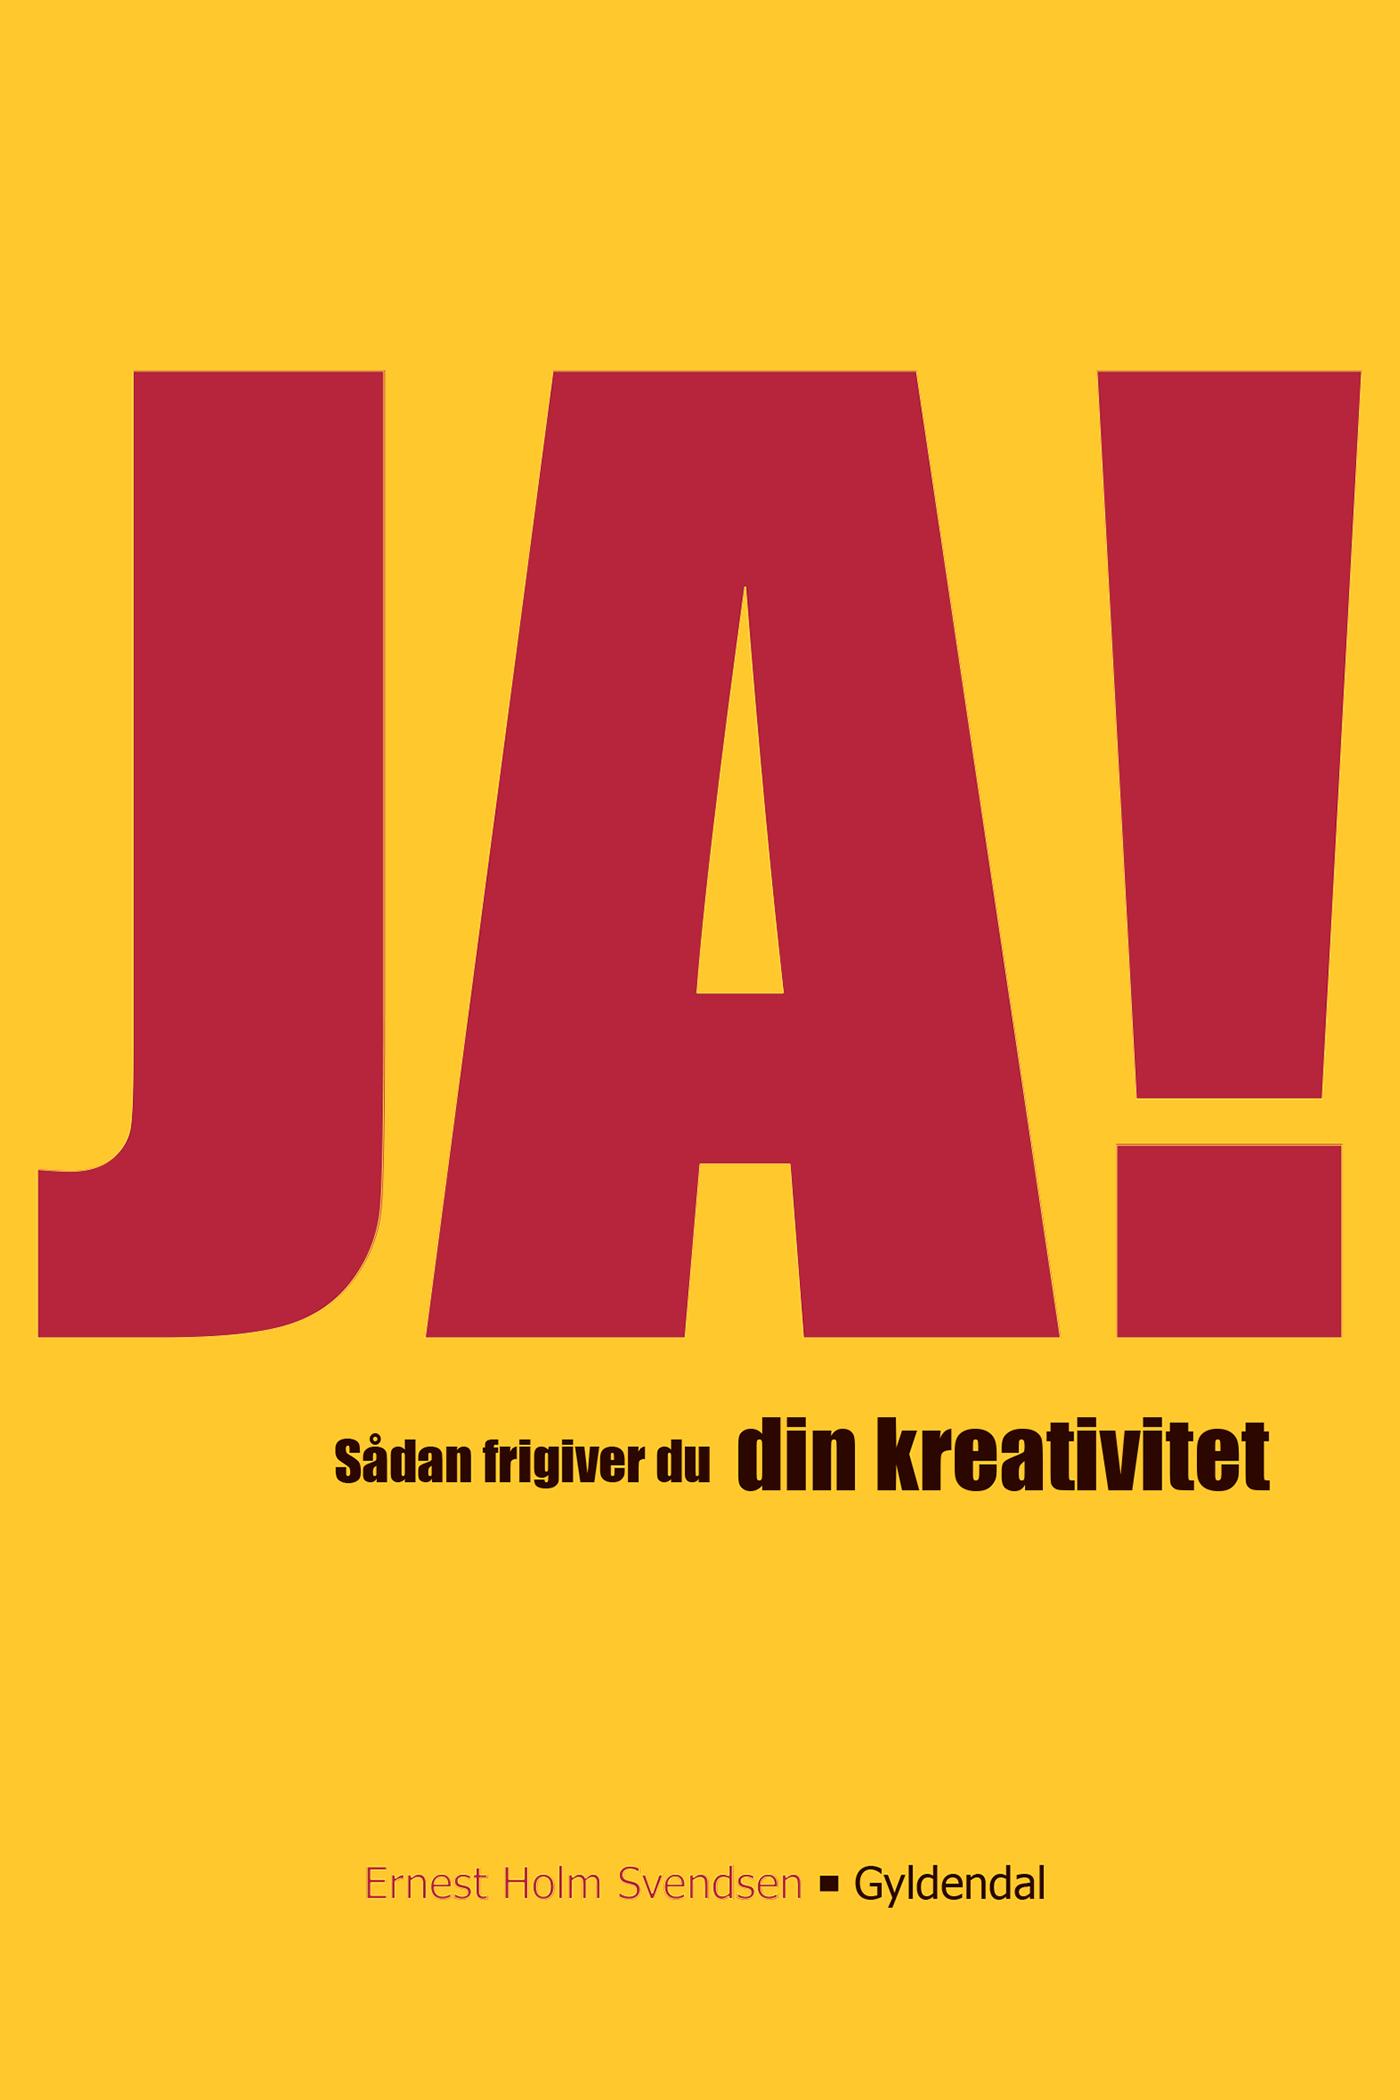 Ja! sådan frigiver du din kreativitet - e-bog fra N/A på bog & mystik